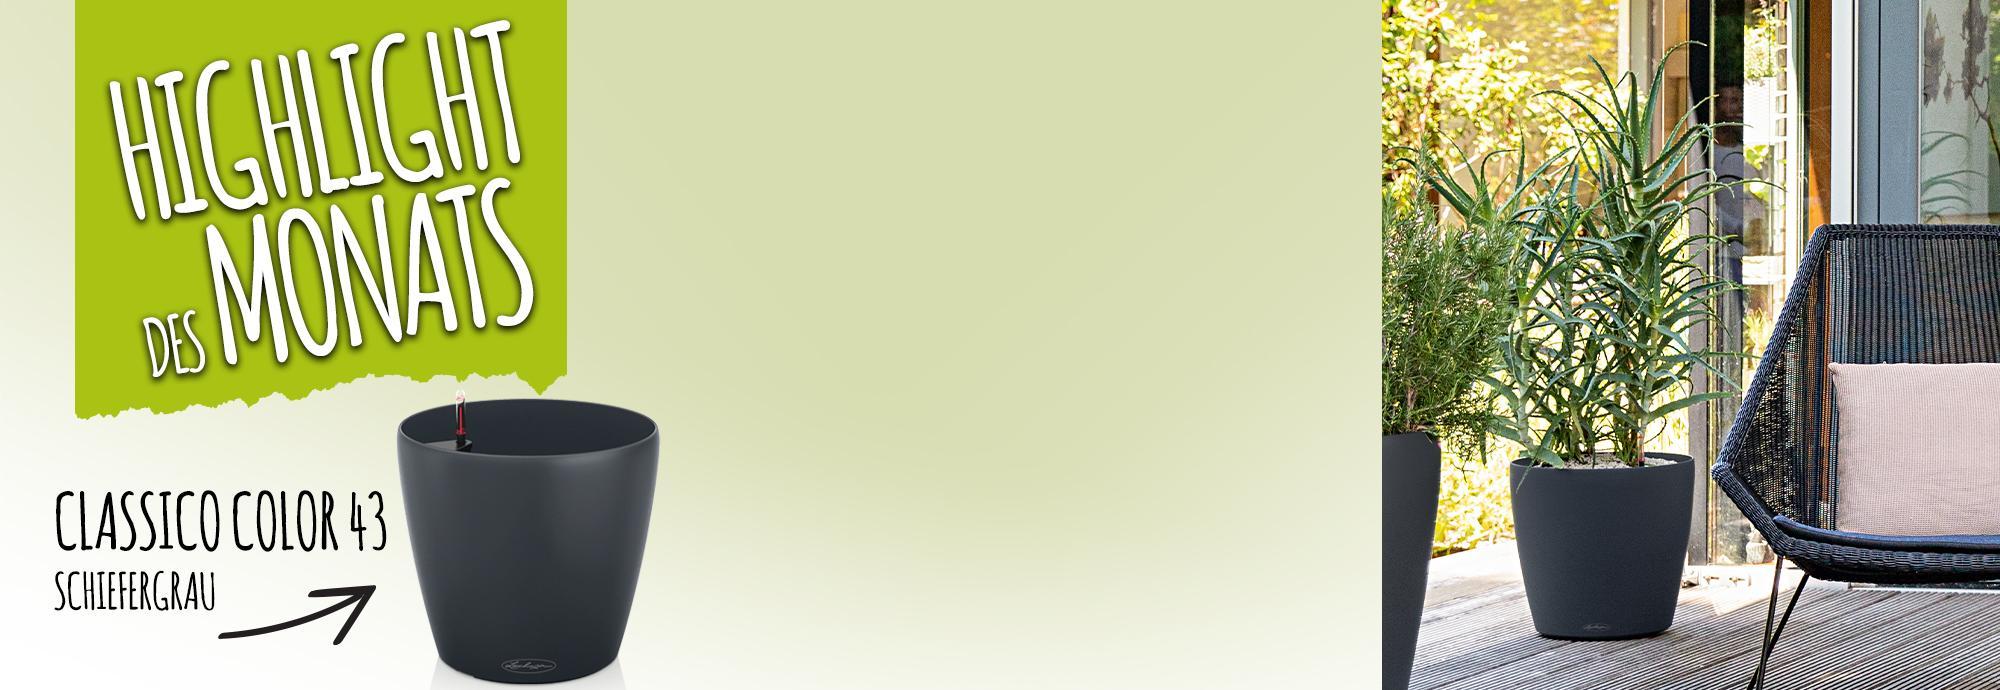 Catch of the Month: 15 Prozent sparen beim Kauf von CLASSICO Color 43 schiefergrau